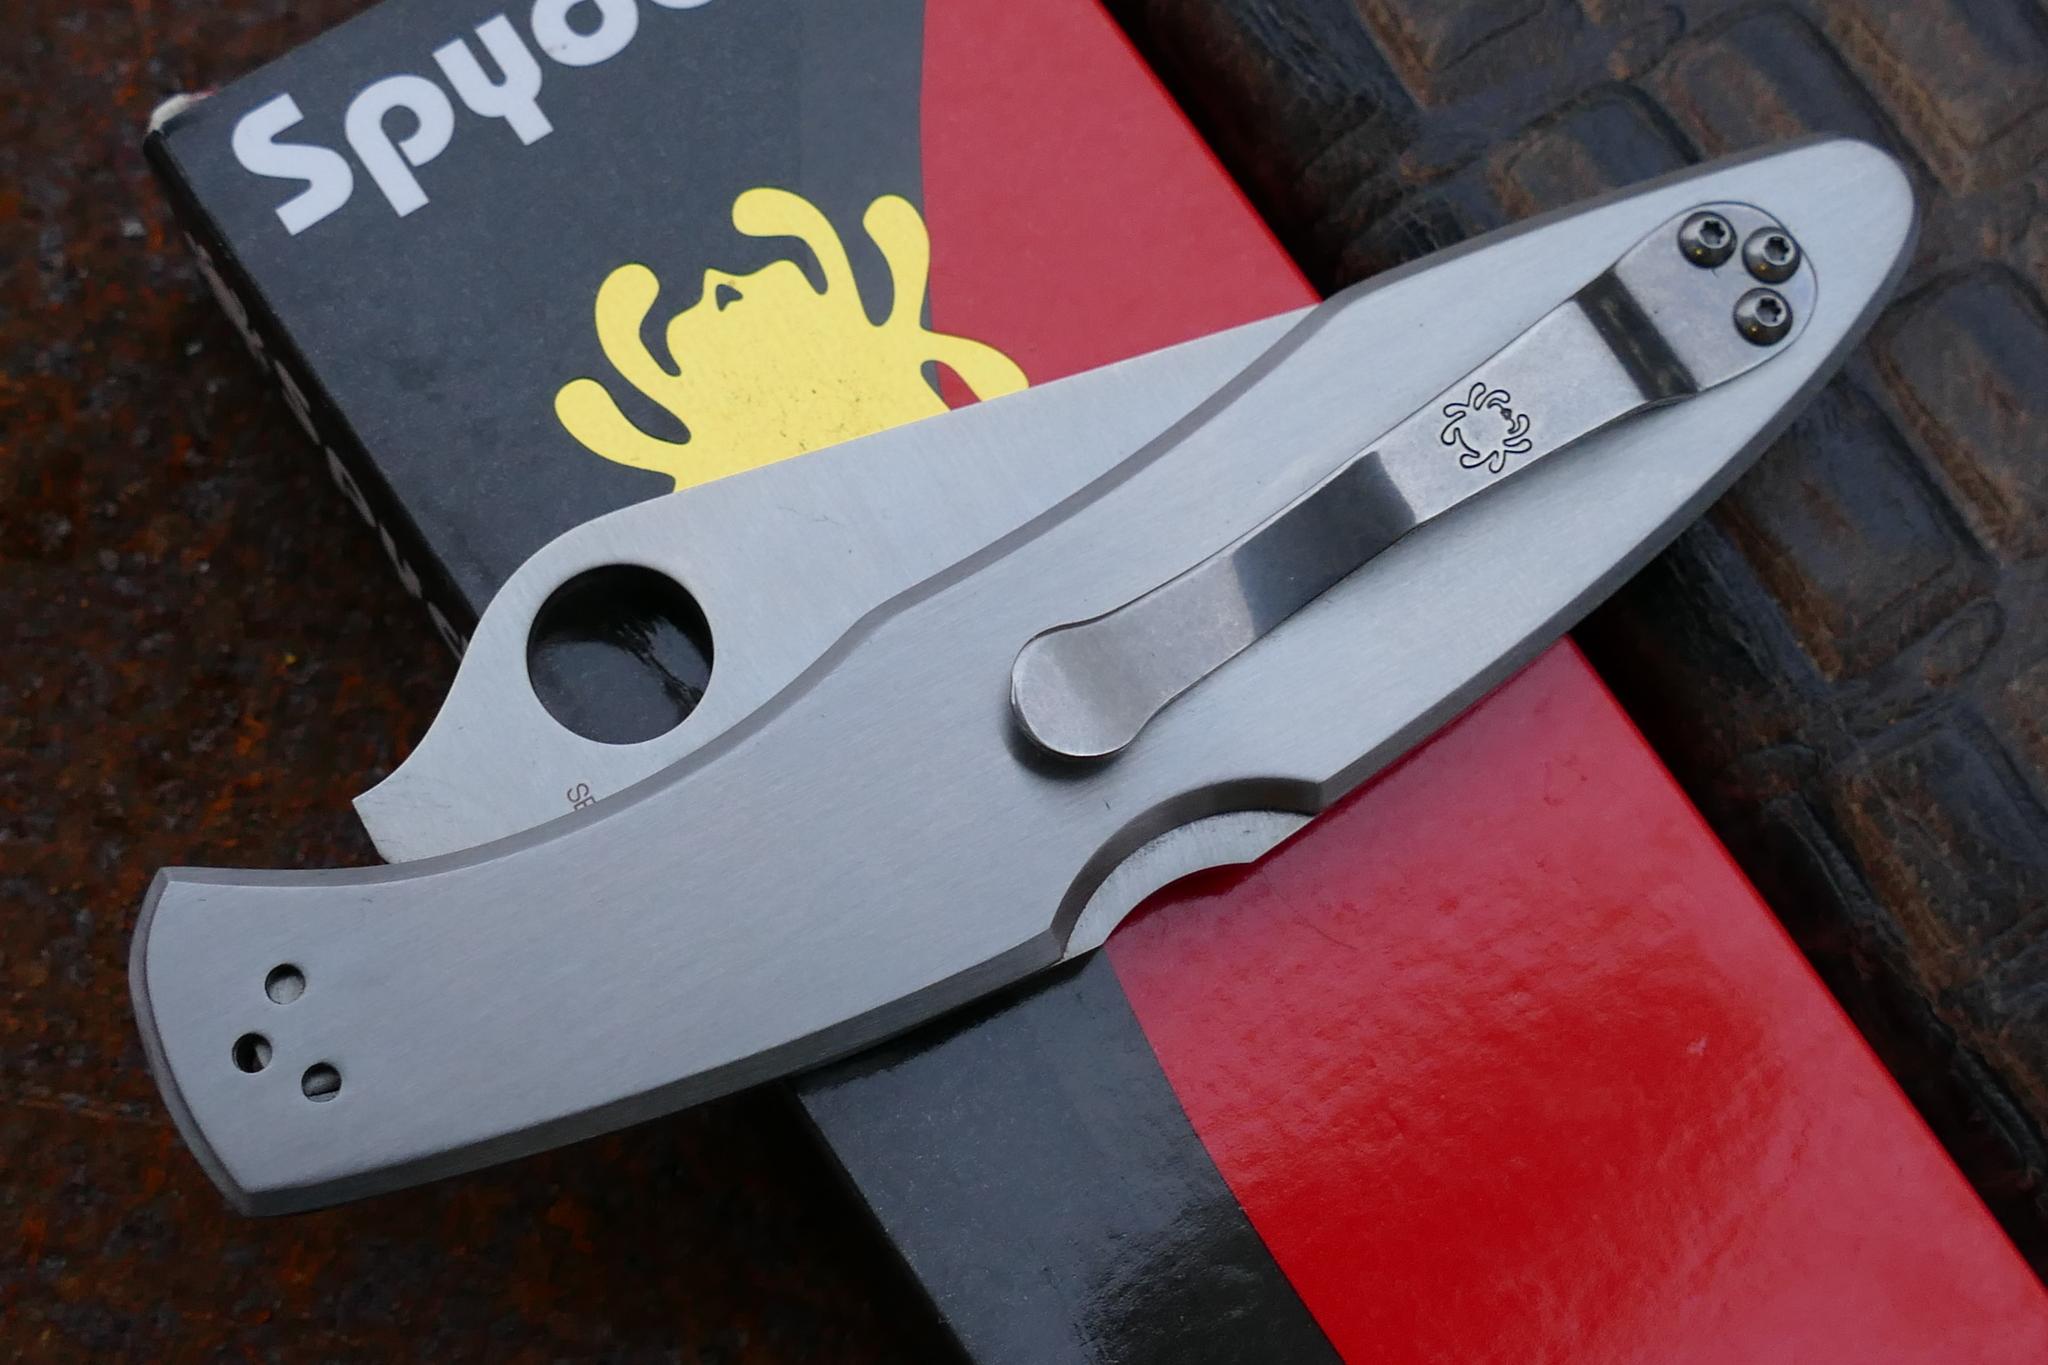 Фото 2 - Складной нож Spyderco Police Full Serrated Edge, сталь VG 10, стальная рукоятка